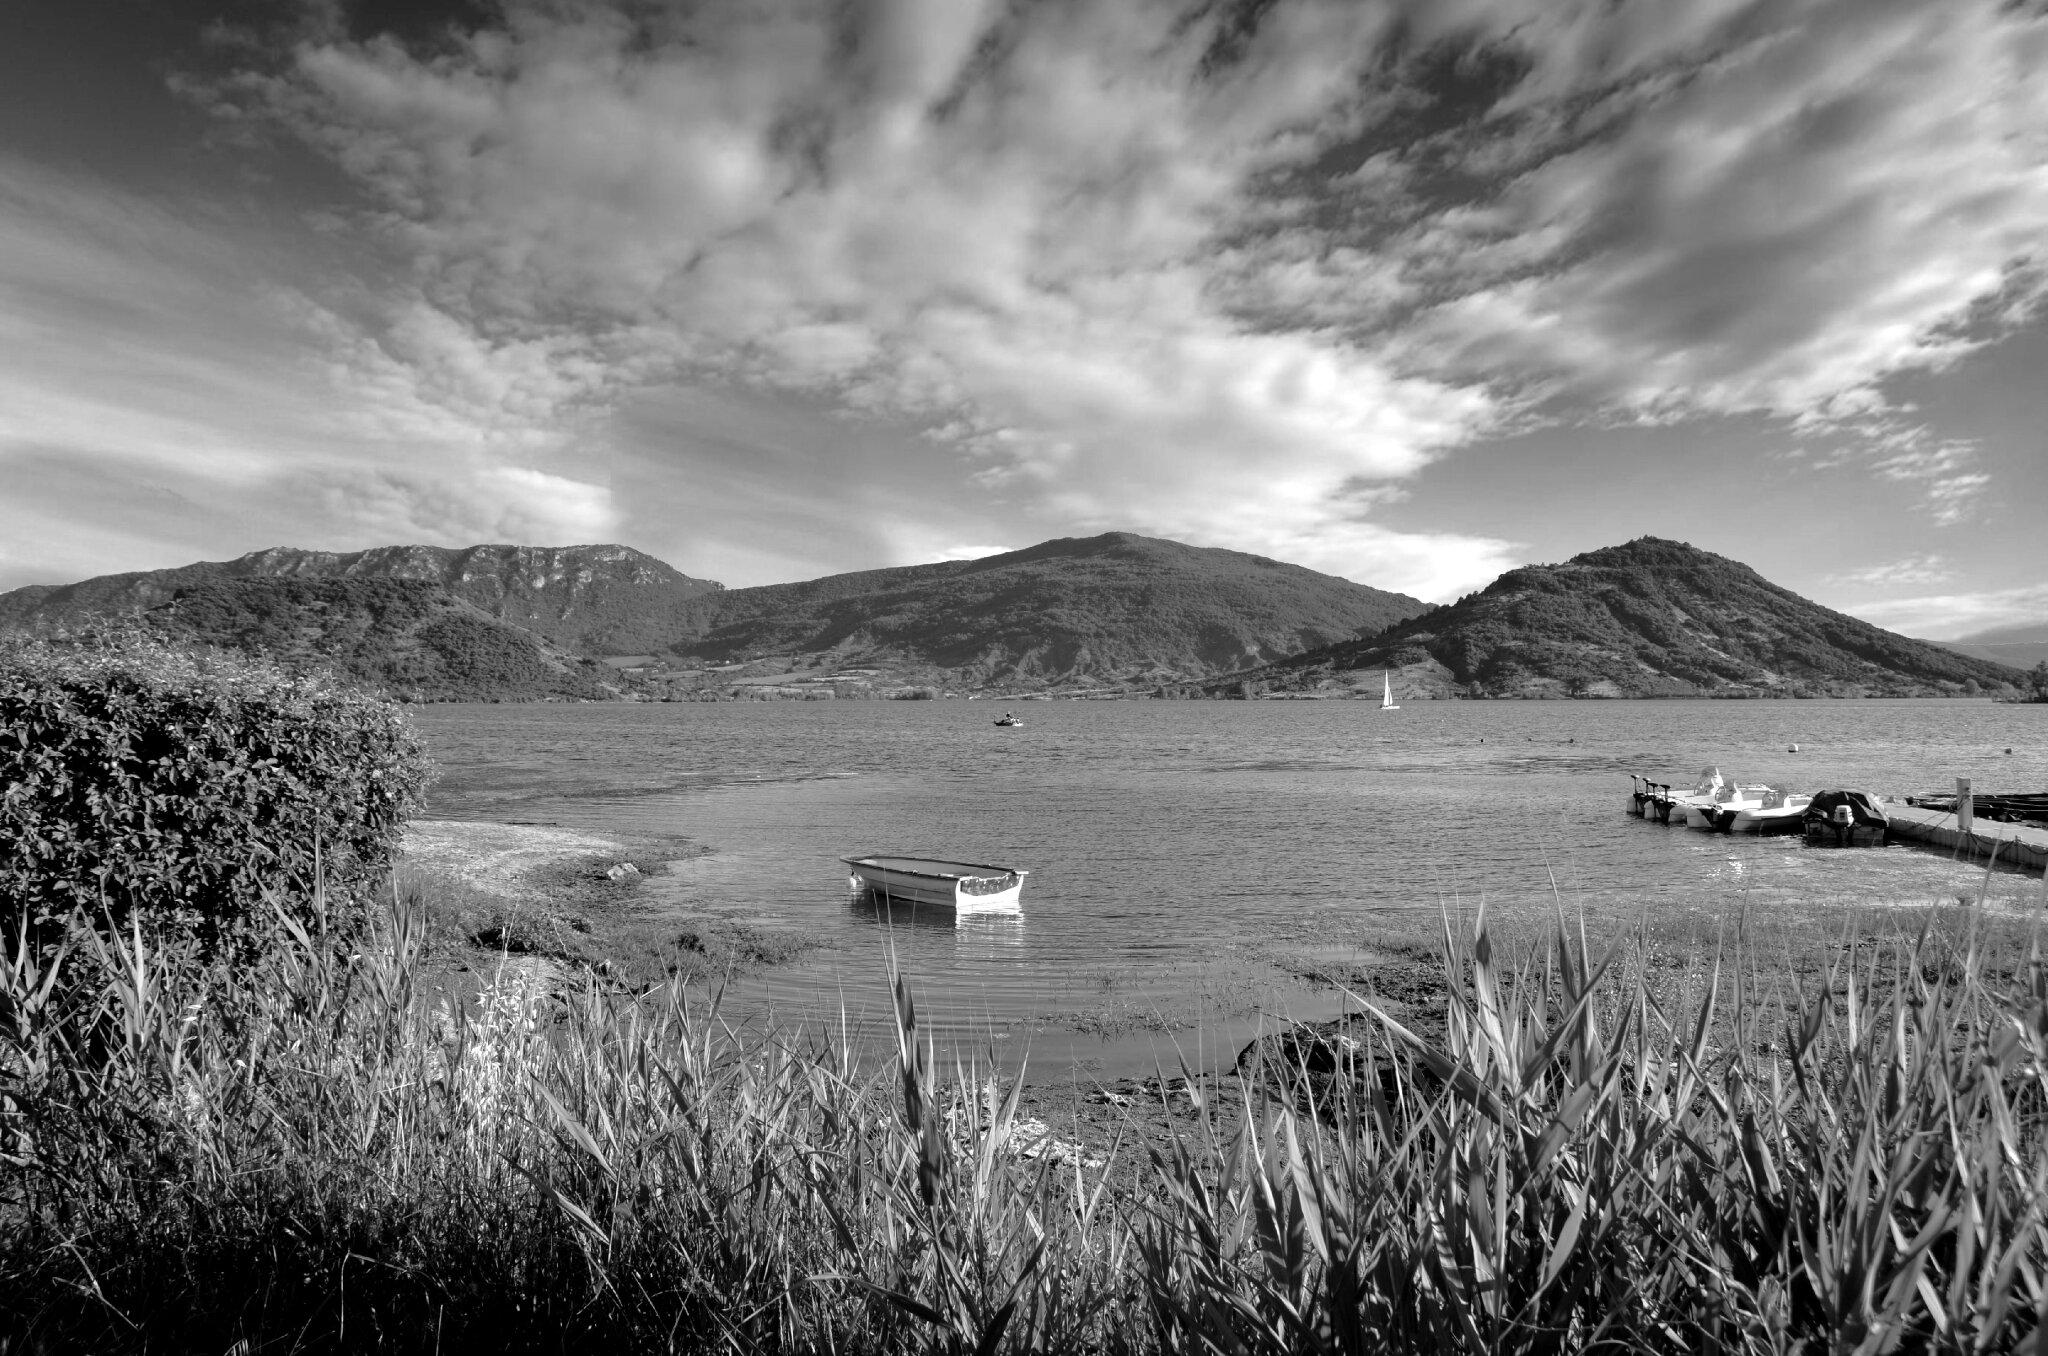 Le lac du Salagou en monochrome